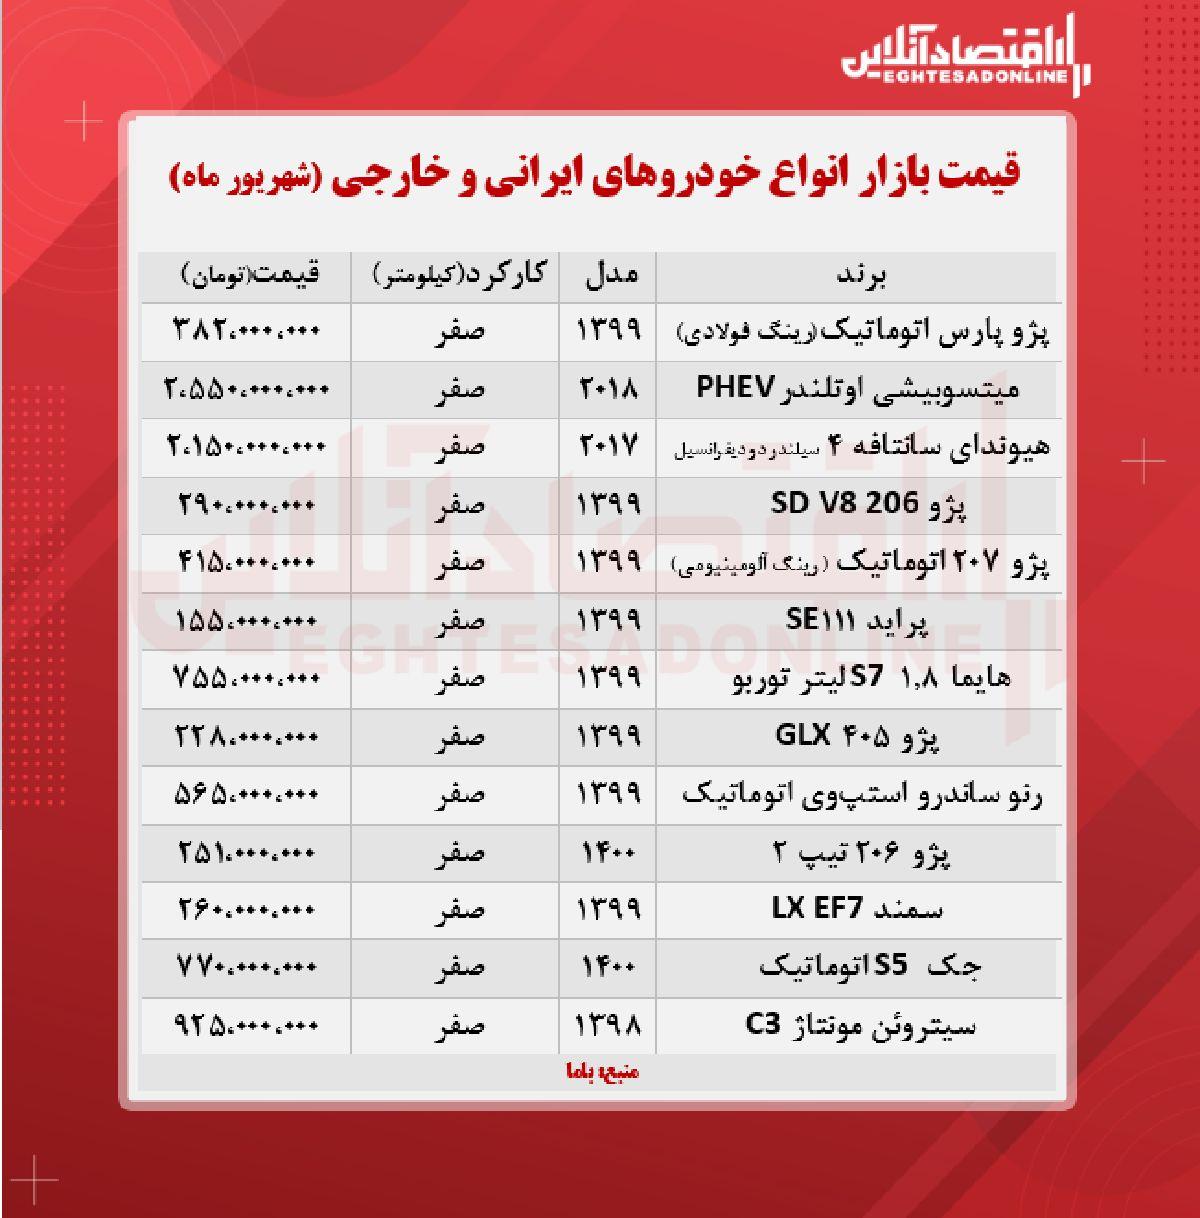 قیمت خودرو امروز ۱۴۰۰/۶/۱۳